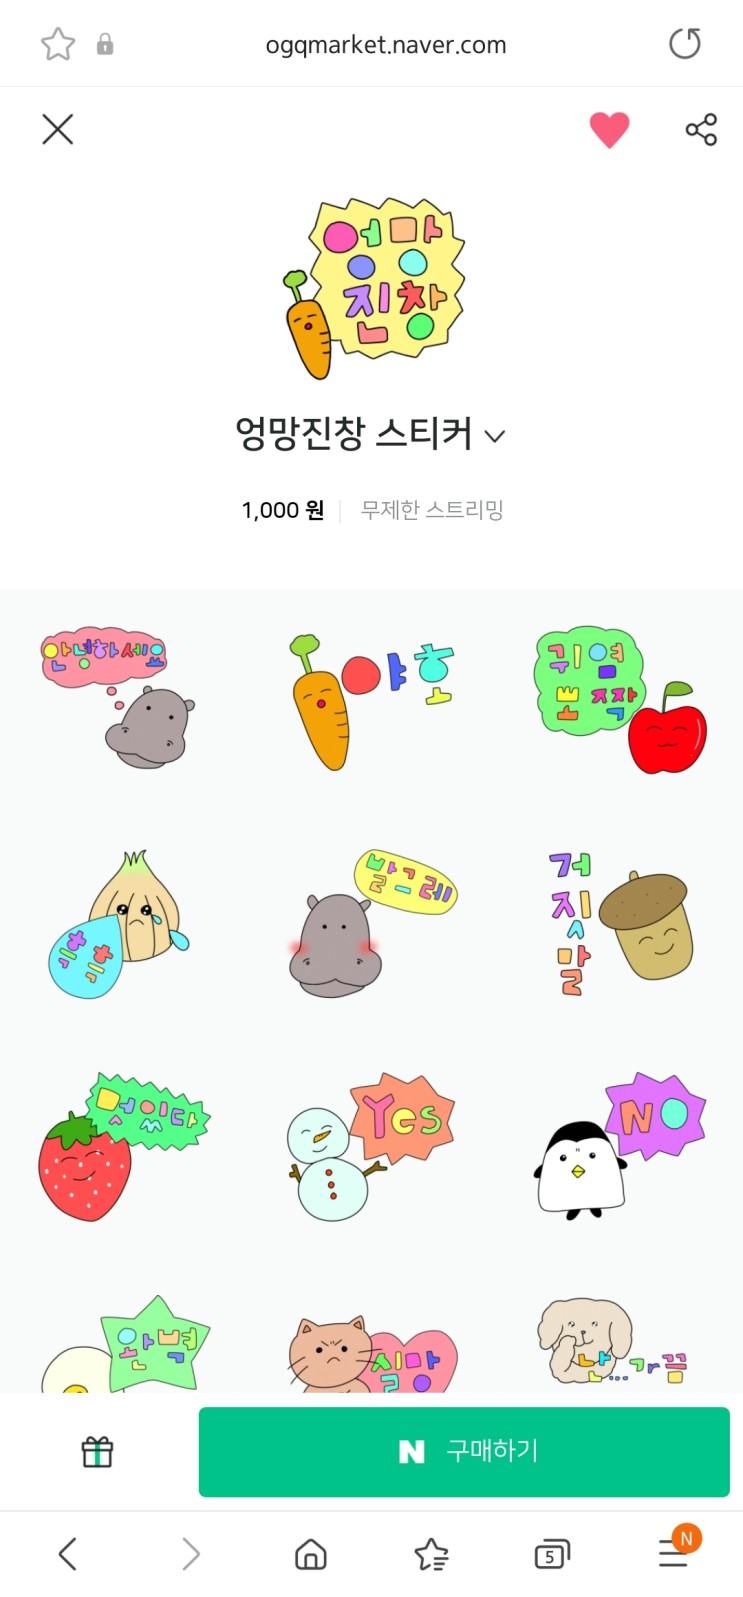 네이버 ogq 스티커, 심사반려 재도전 메일보내기